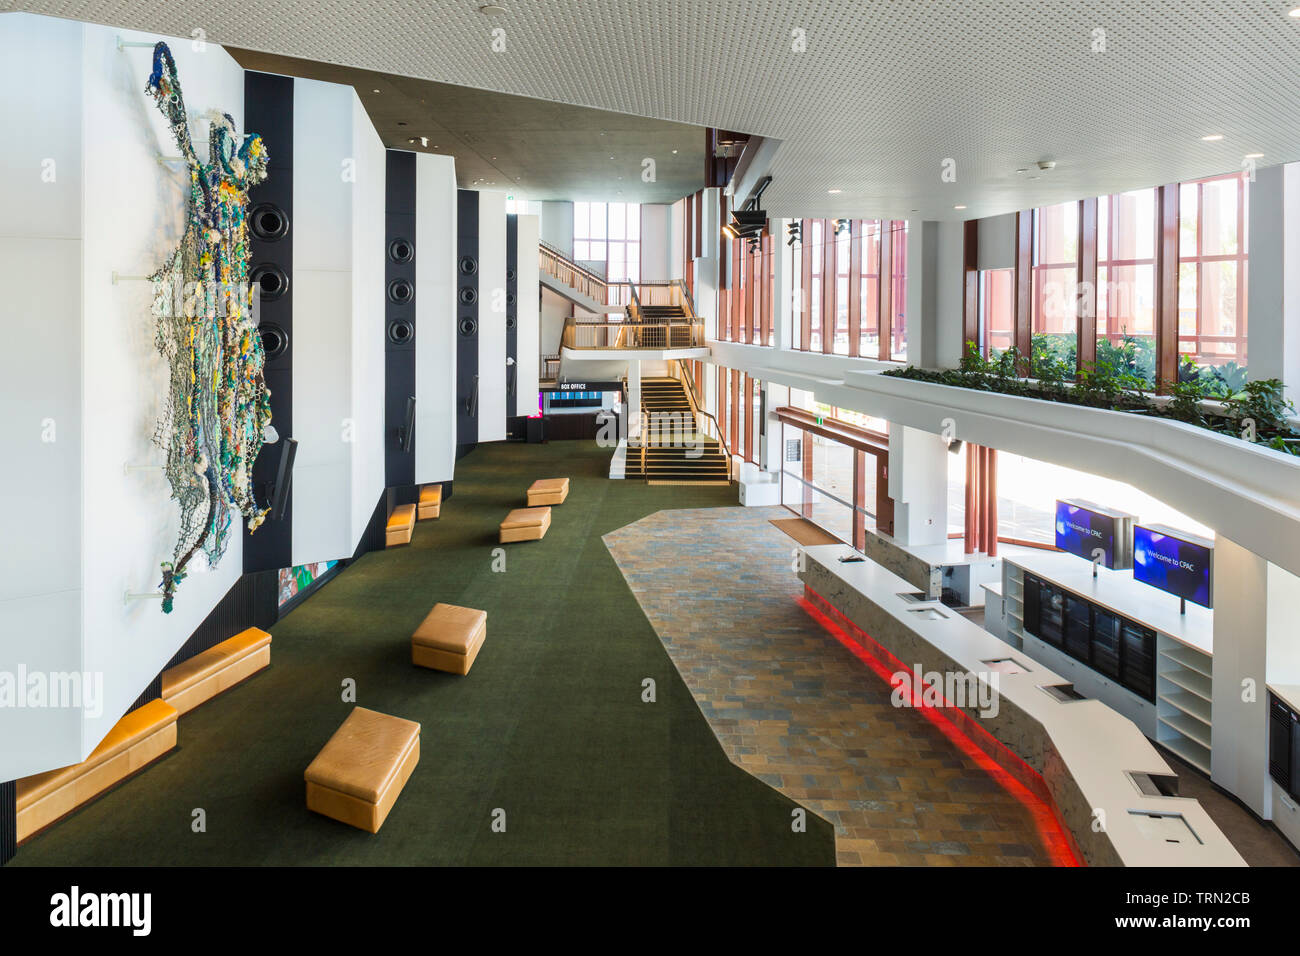 Le foyer de la Cairns Performing Arts Center, achevé à la fin de 2018. Cairns, Queensland, Australie Banque D'Images